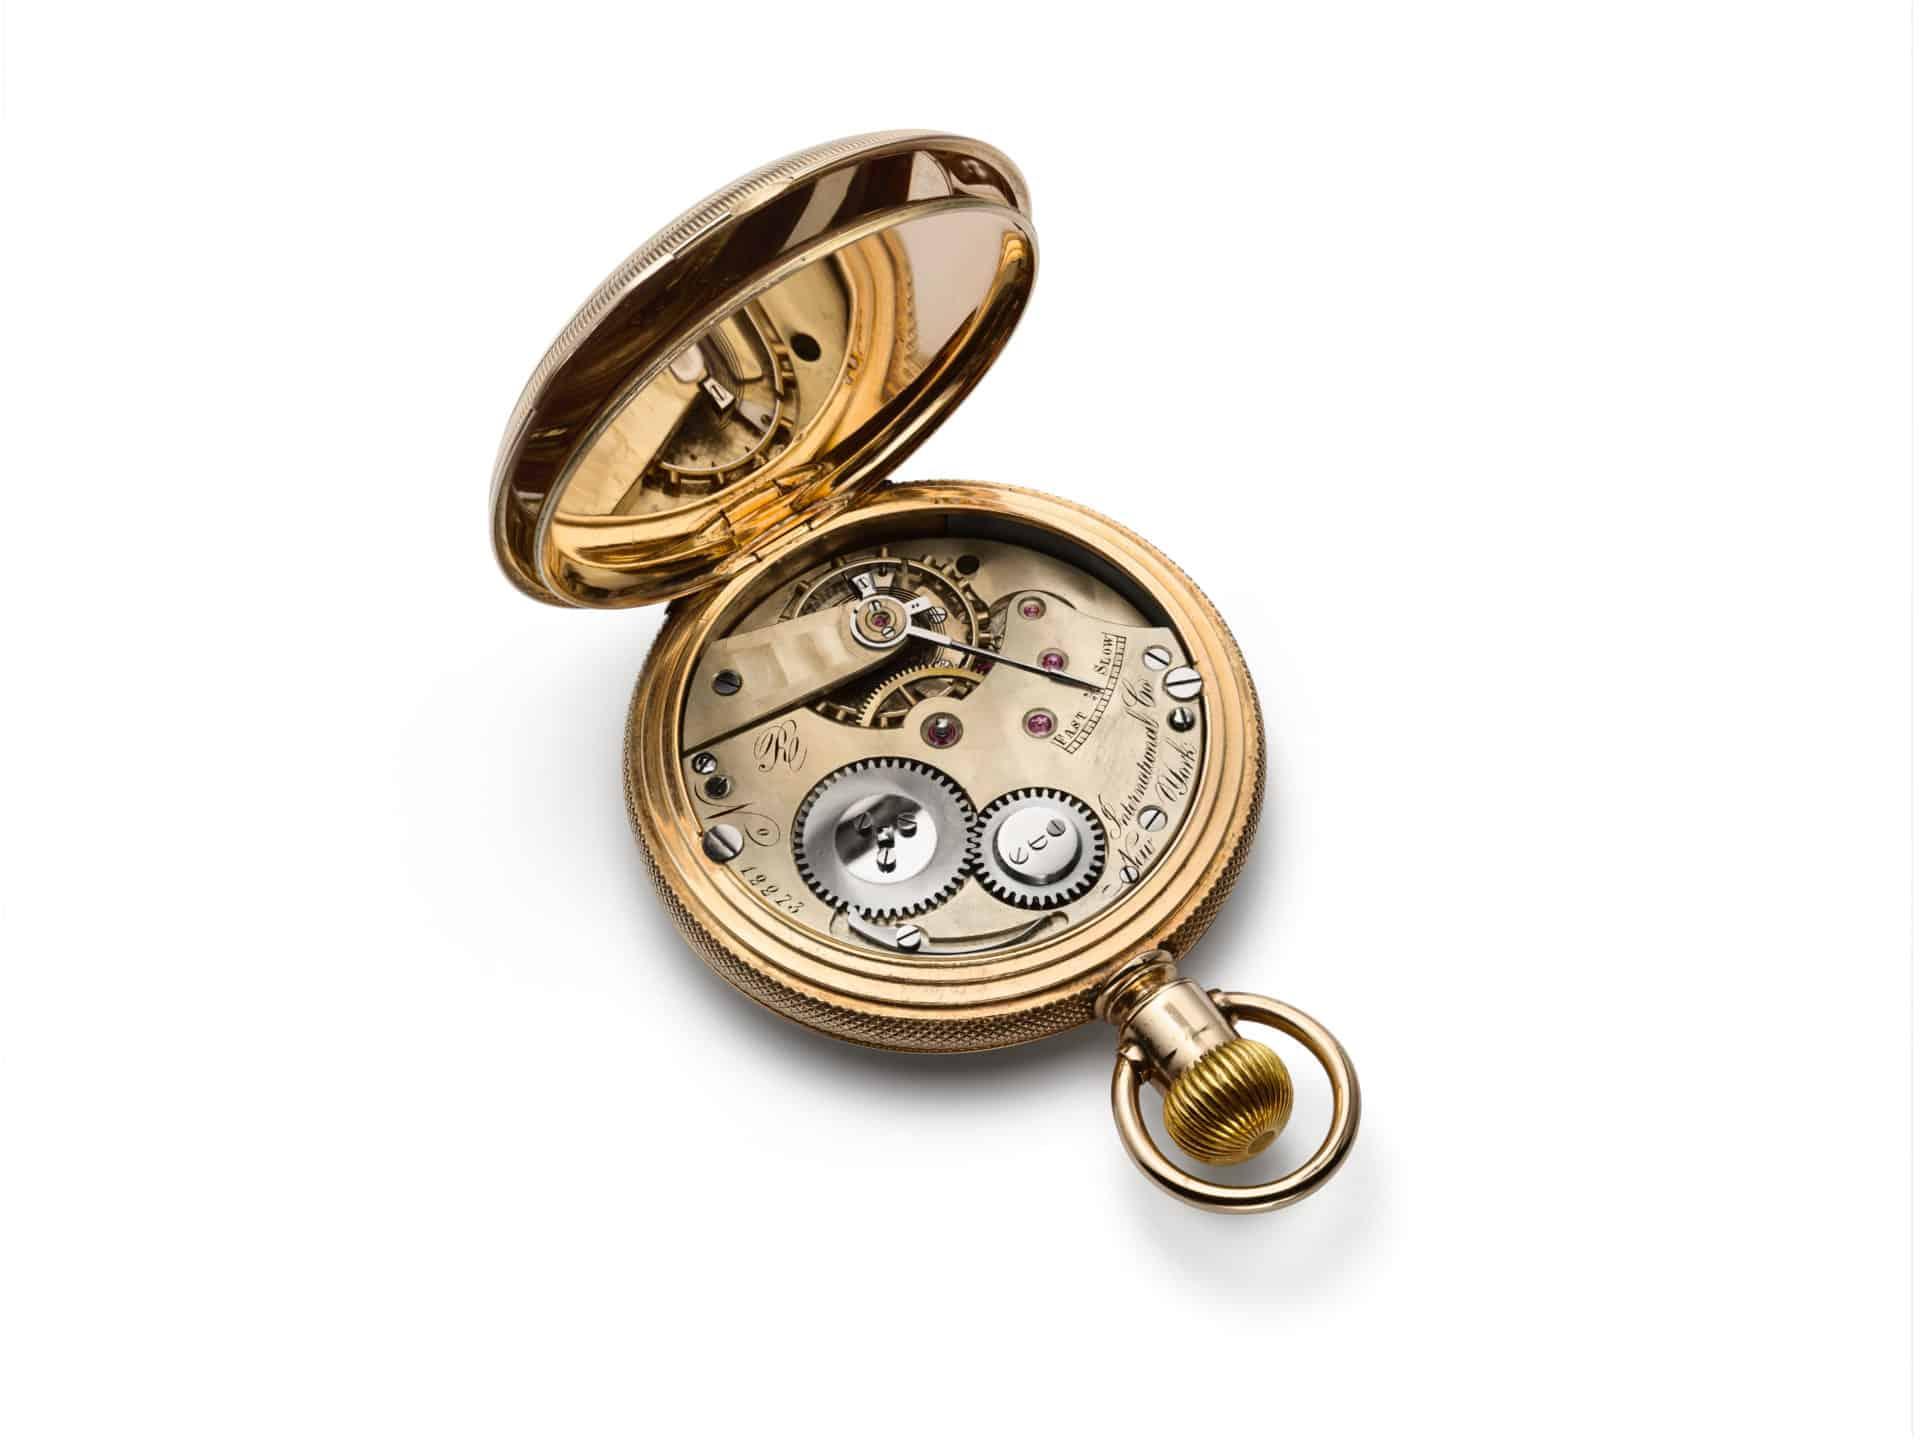 Savonette IWC Uhr aus Gold